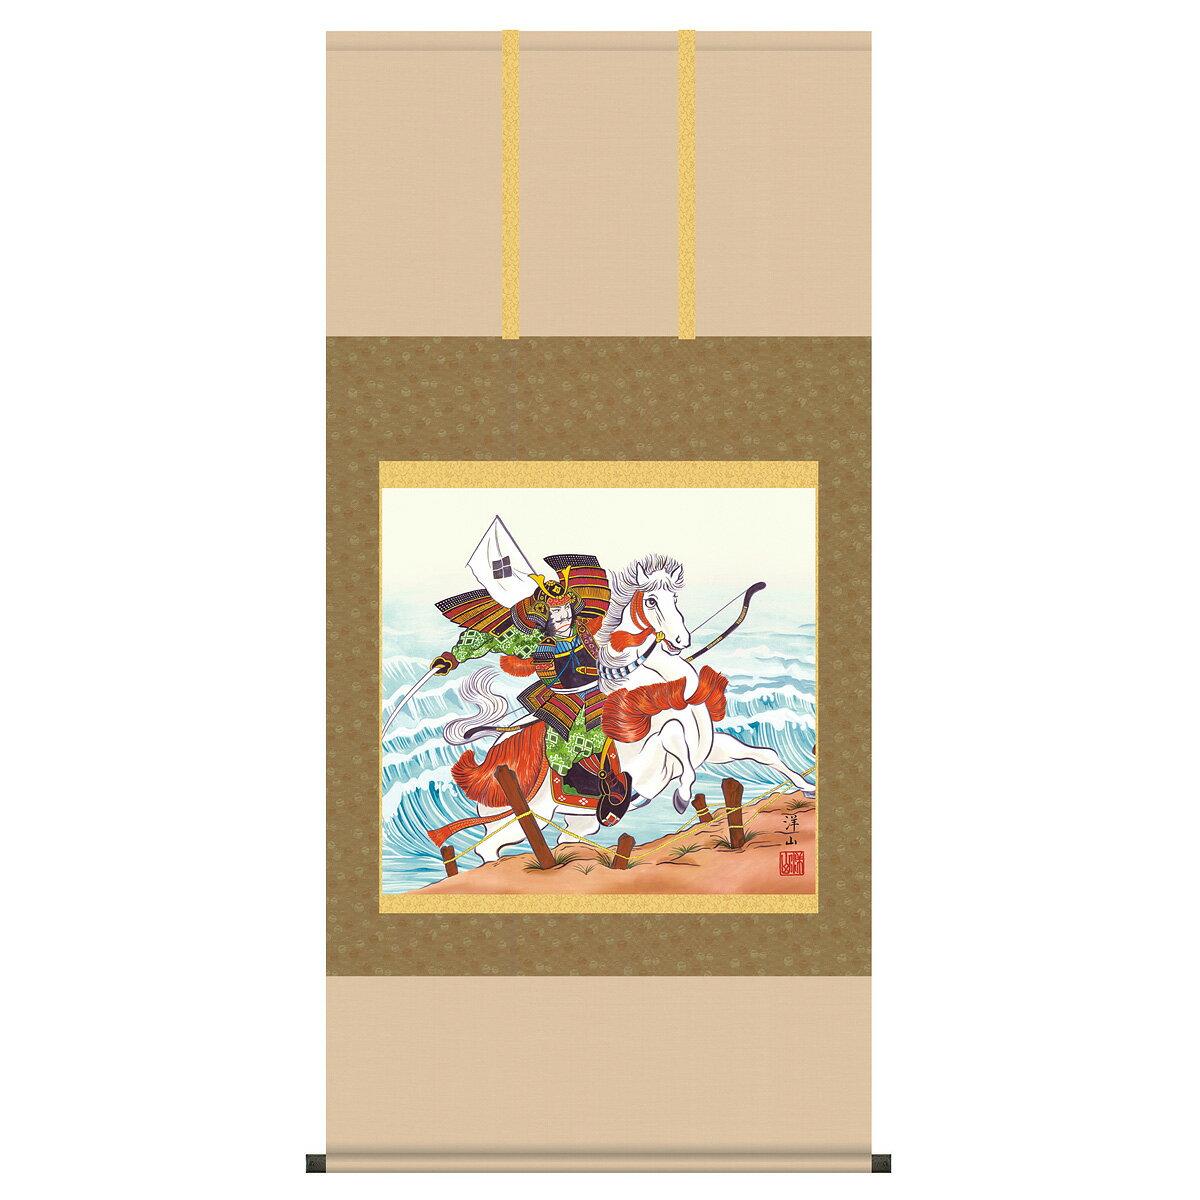 端午の節句 正月 掛け軸 掛軸 「宇崎洋山(幸洋会)作 馬上武者」 ●正月飾り 端午の節句